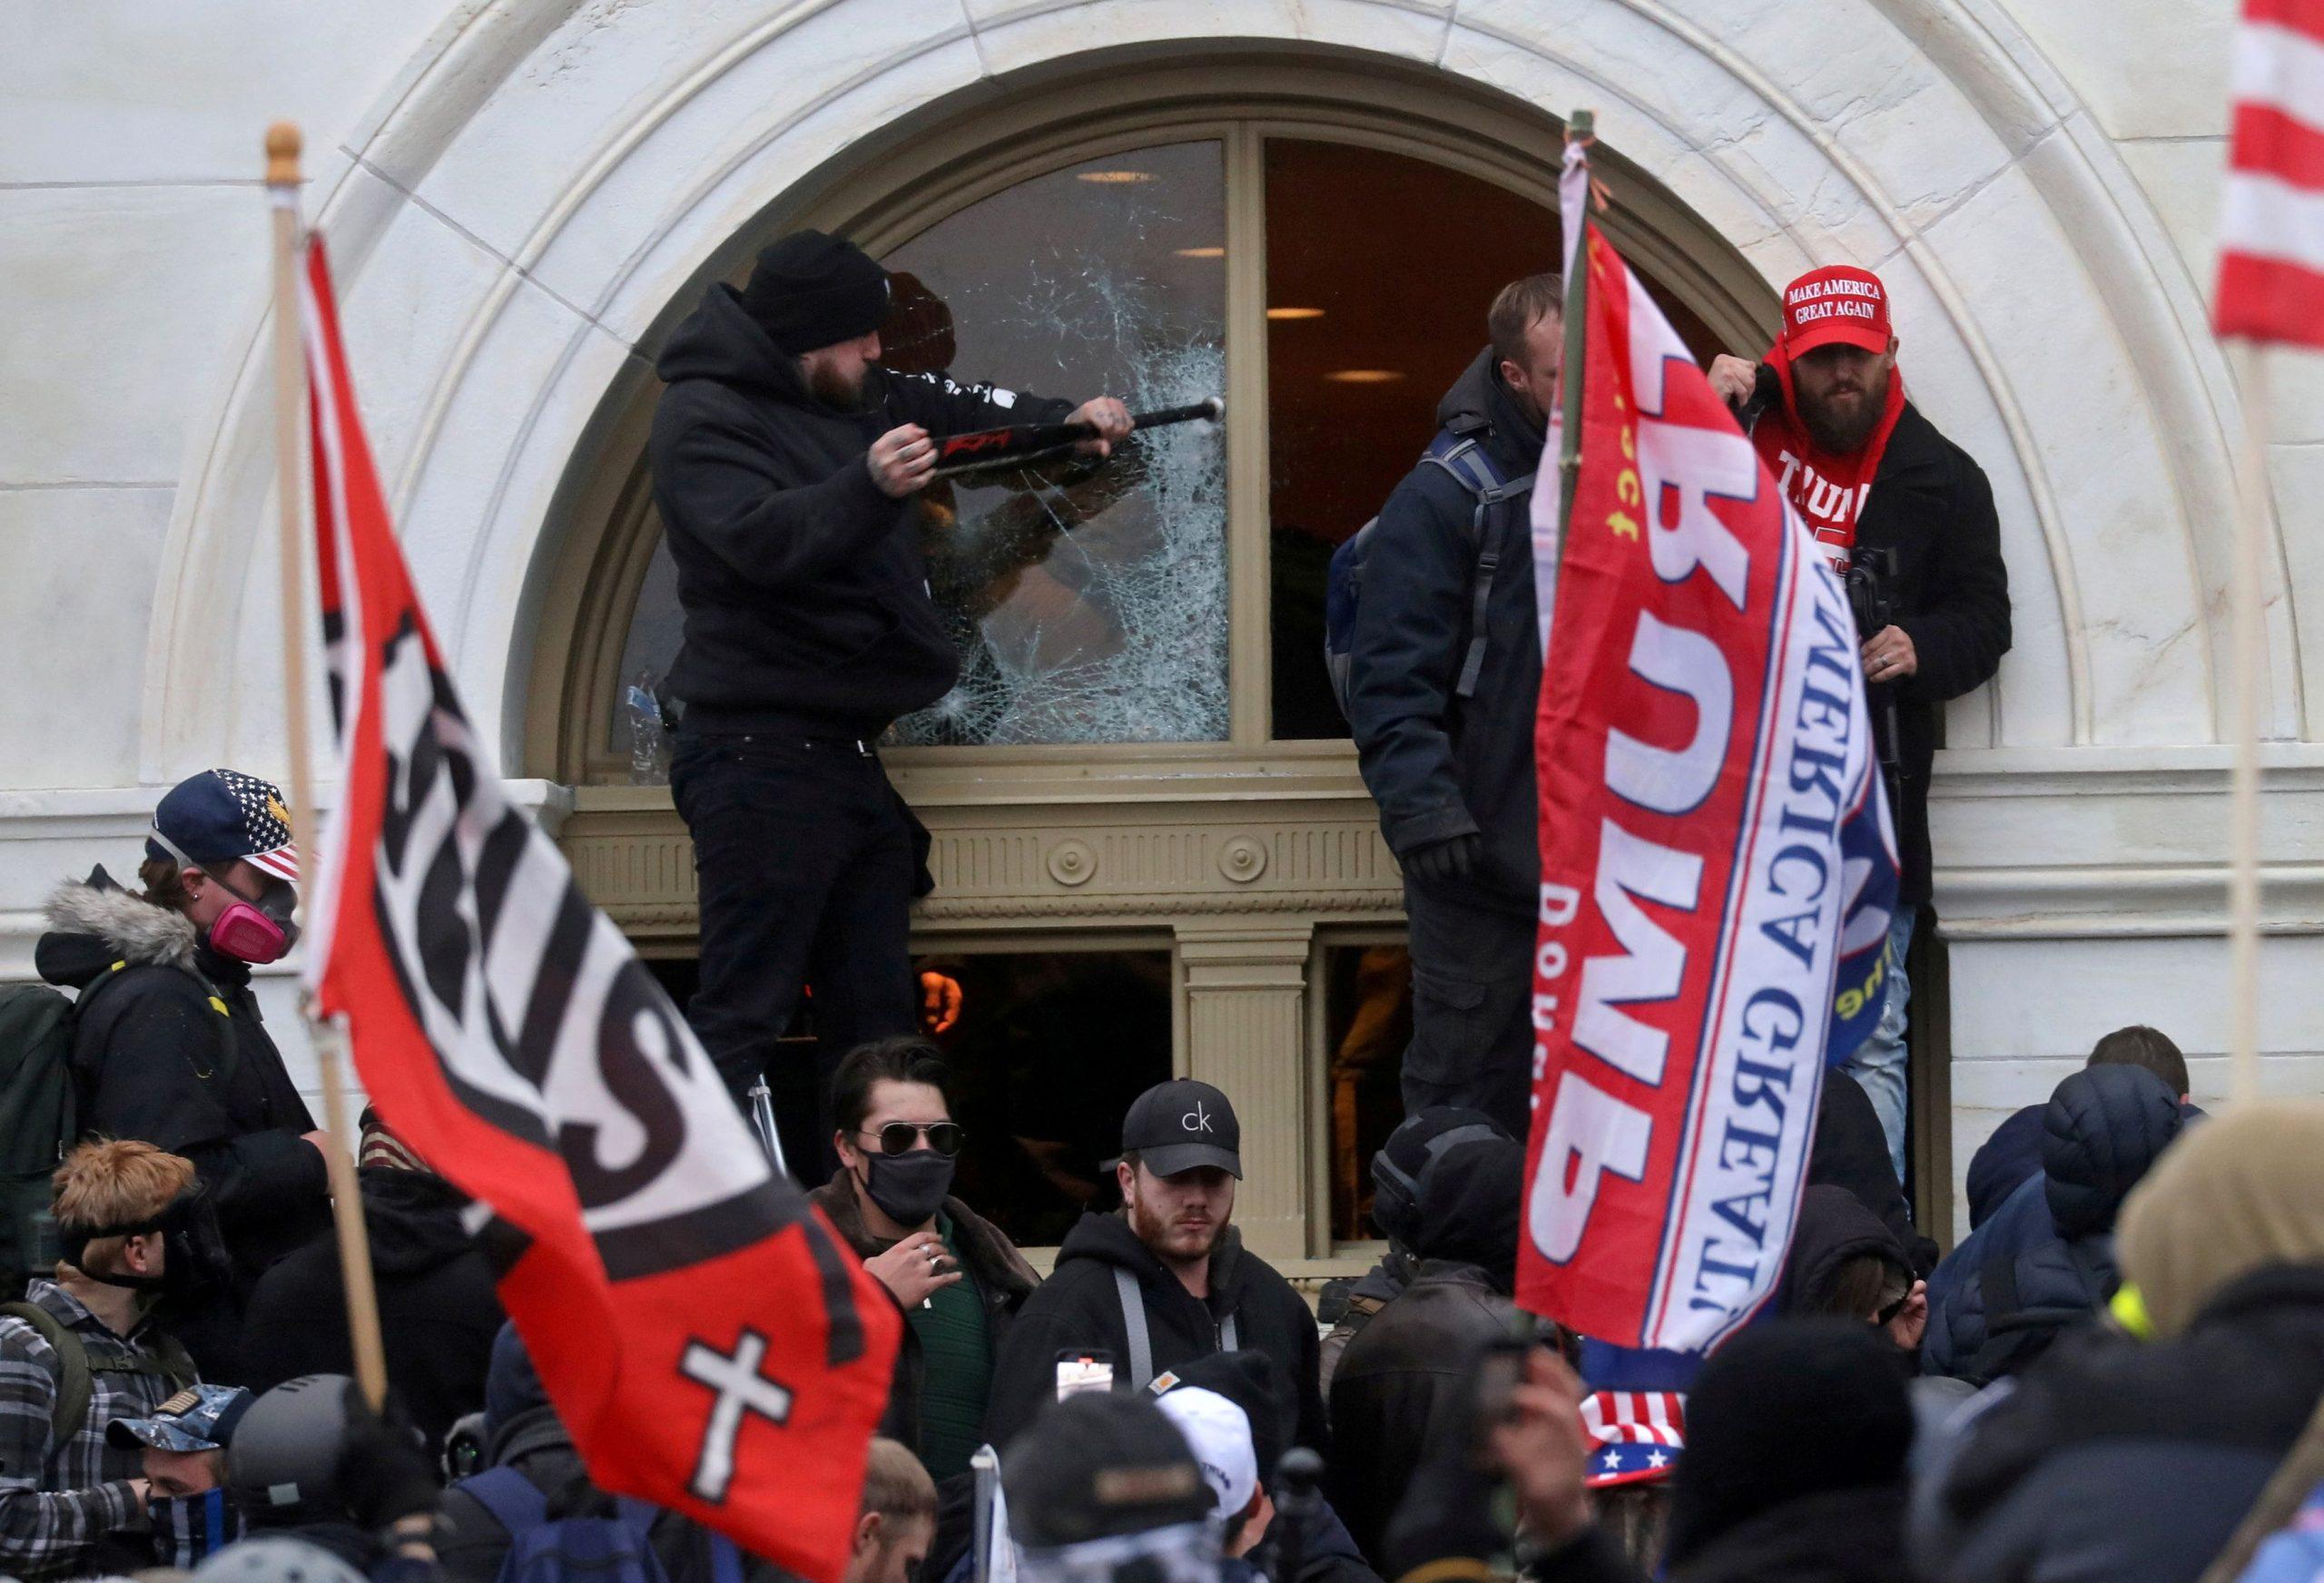 foto: REUTERS/Leah Millis